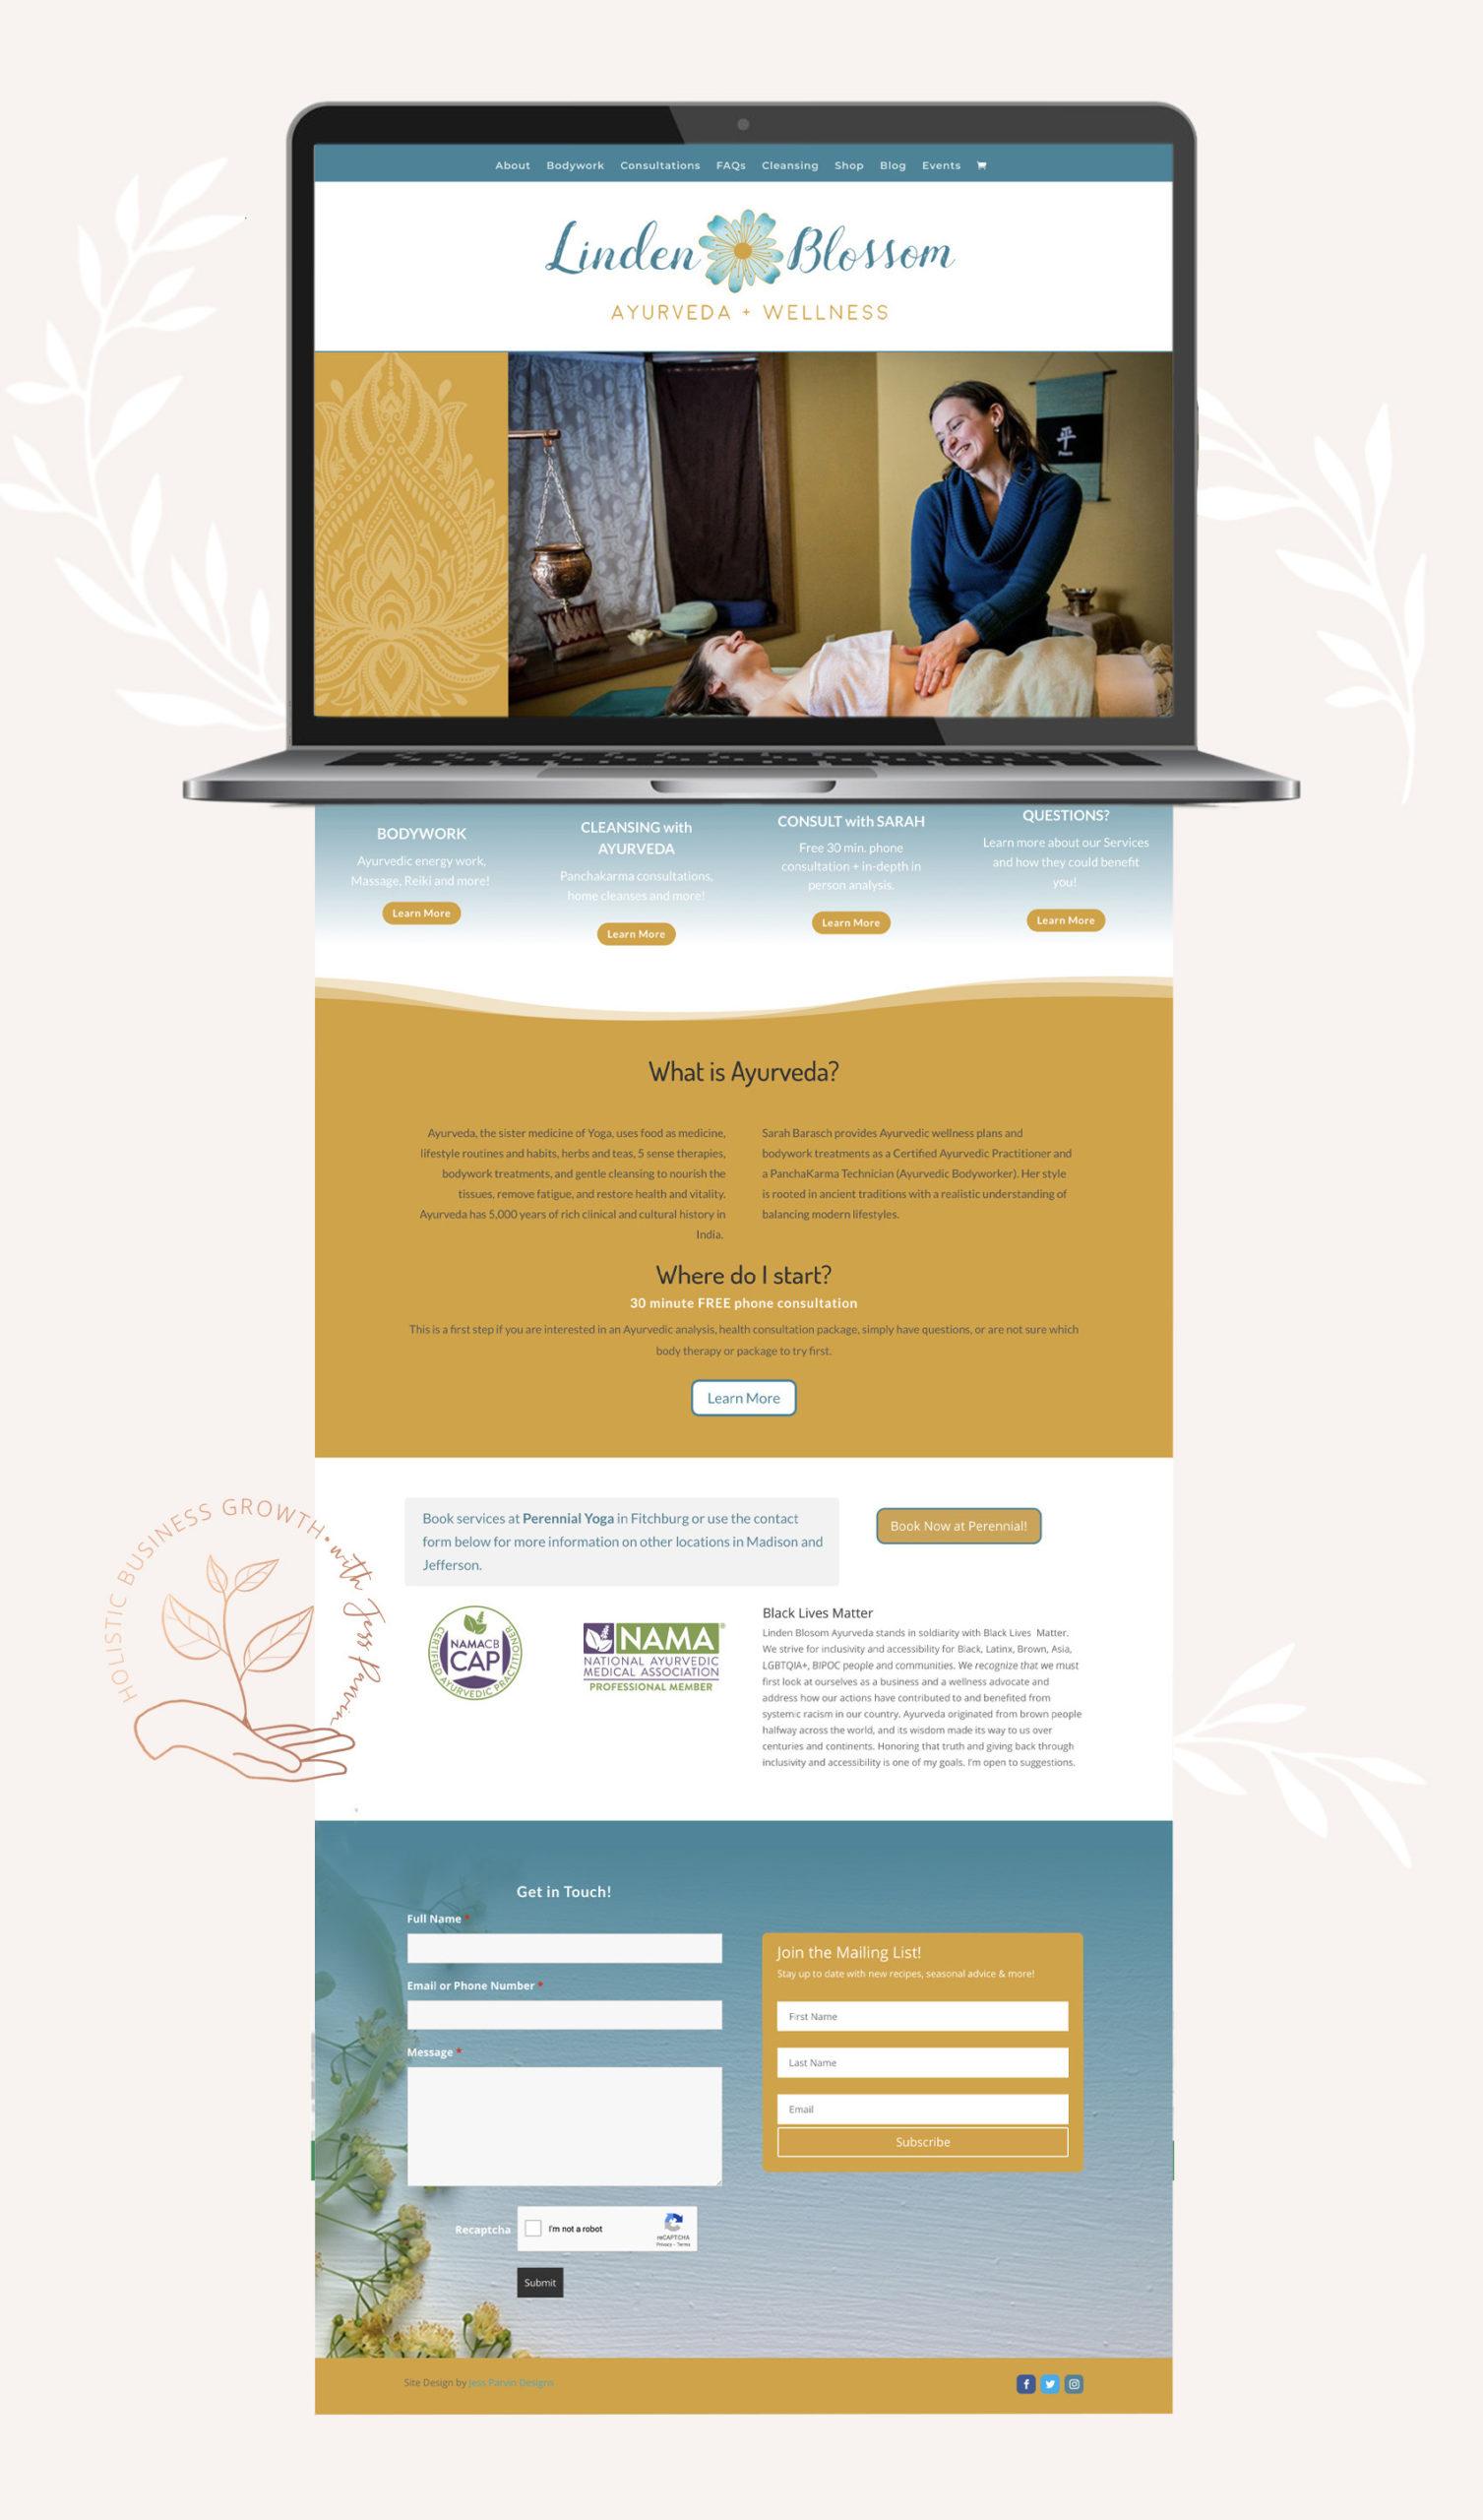 Linden Blossom homepage design